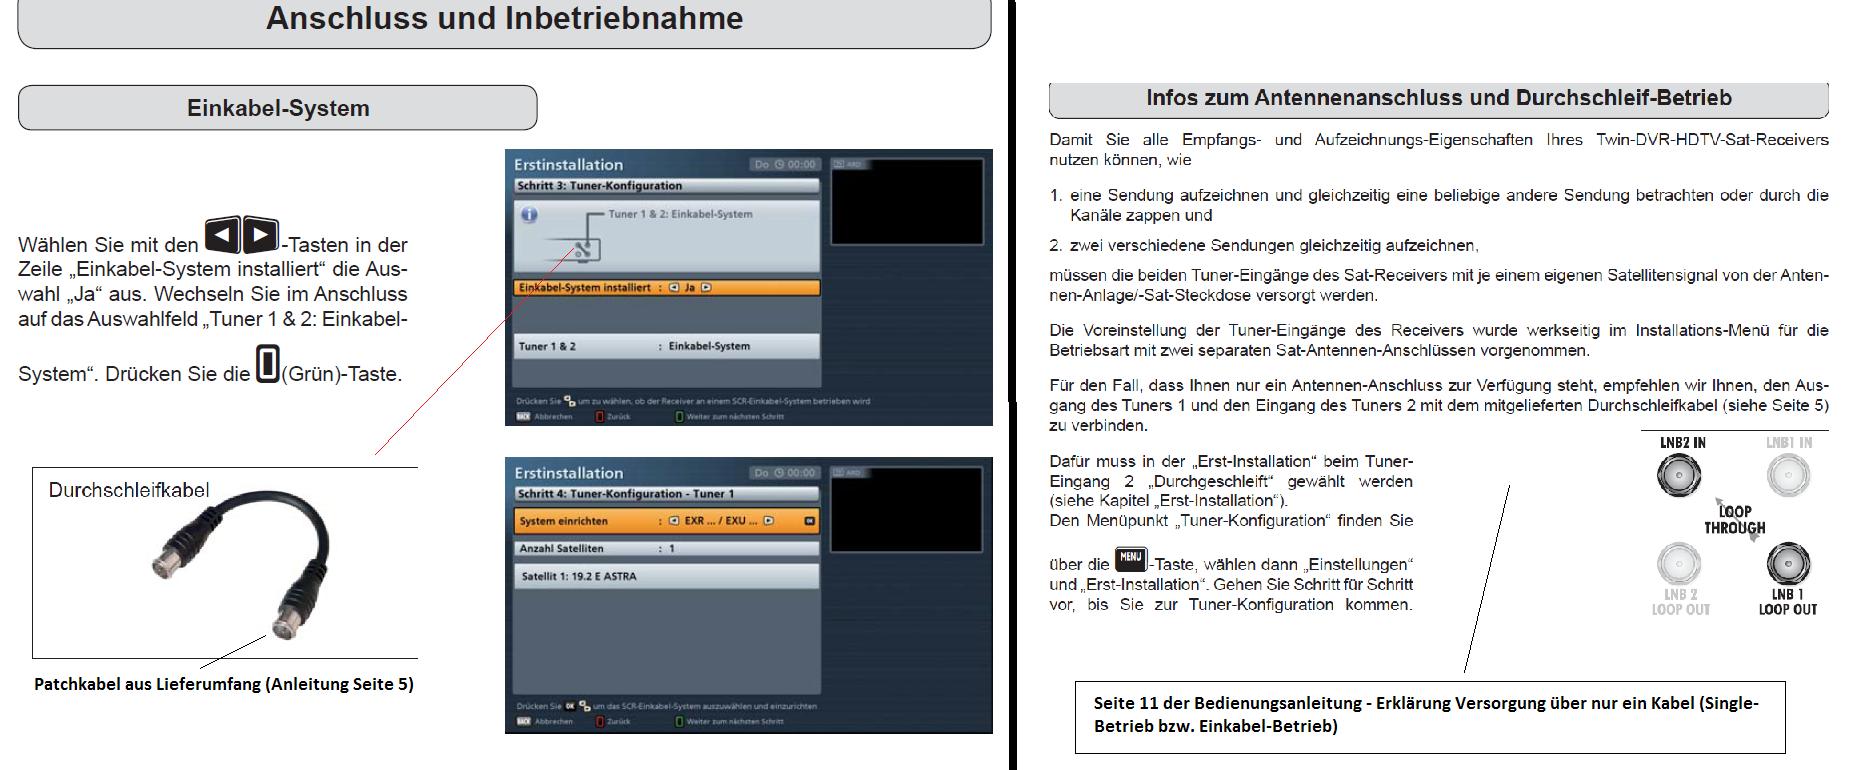 Kathrein_UFS923_Unicable_Anschluss_EN50494.PNG